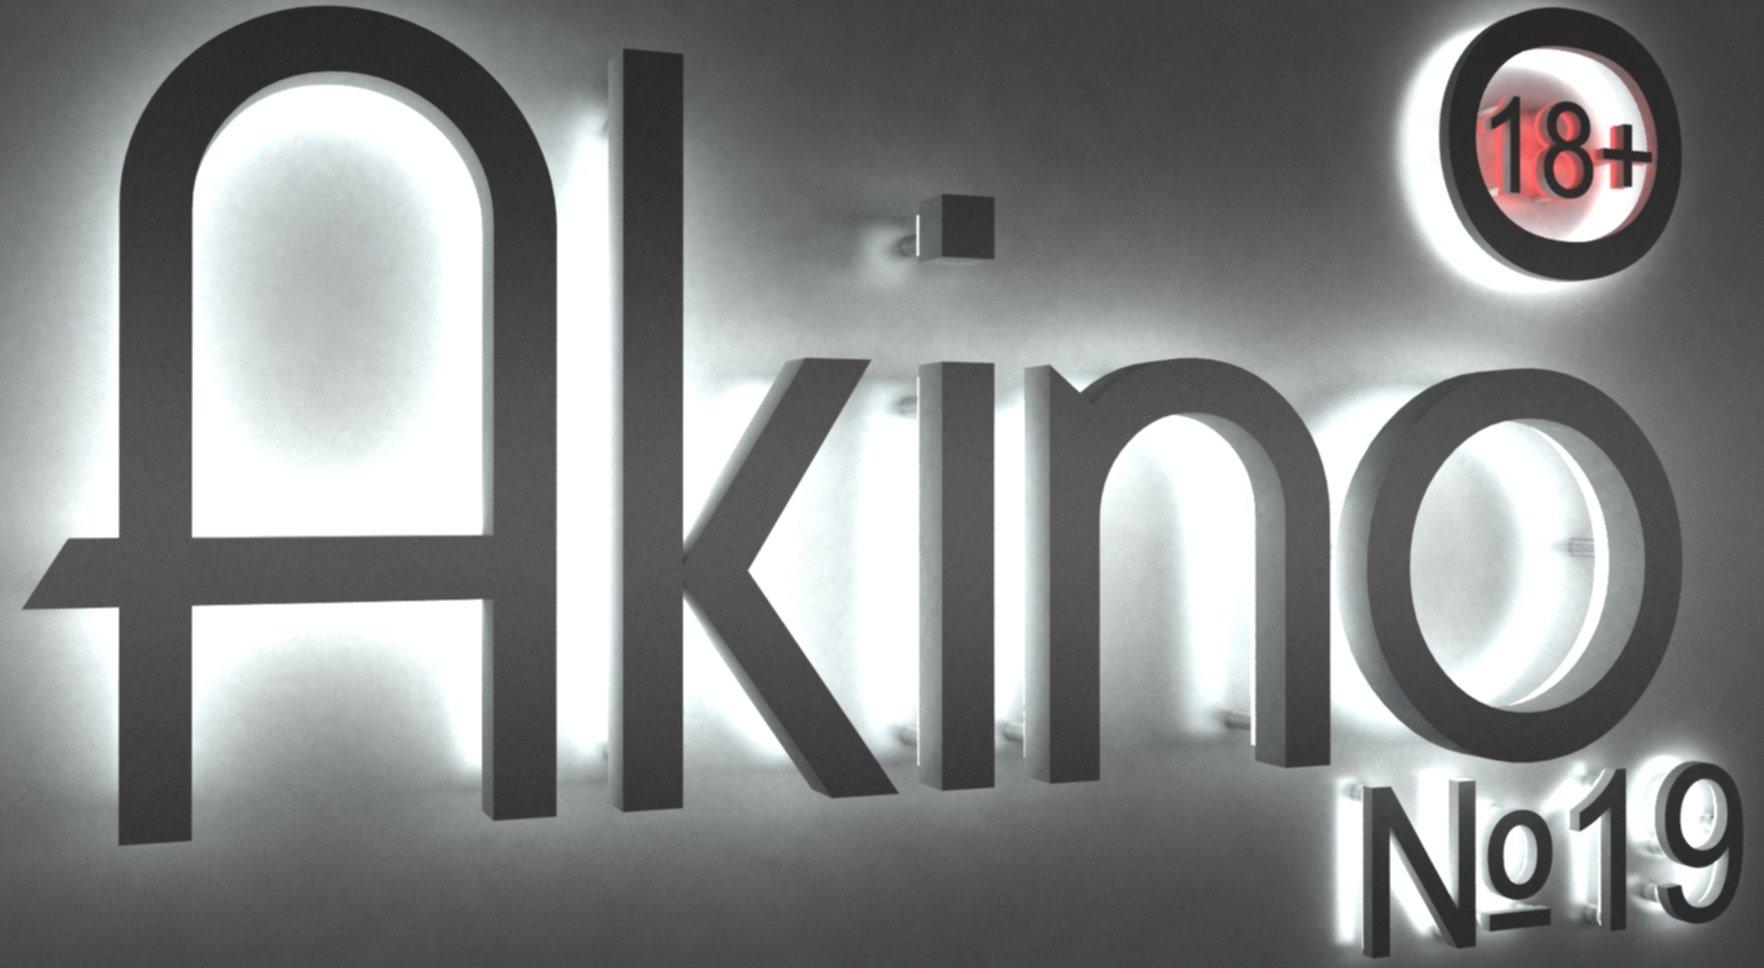 Подкаст AkiNO Выпуск № 19 (18+). - Изображение 1